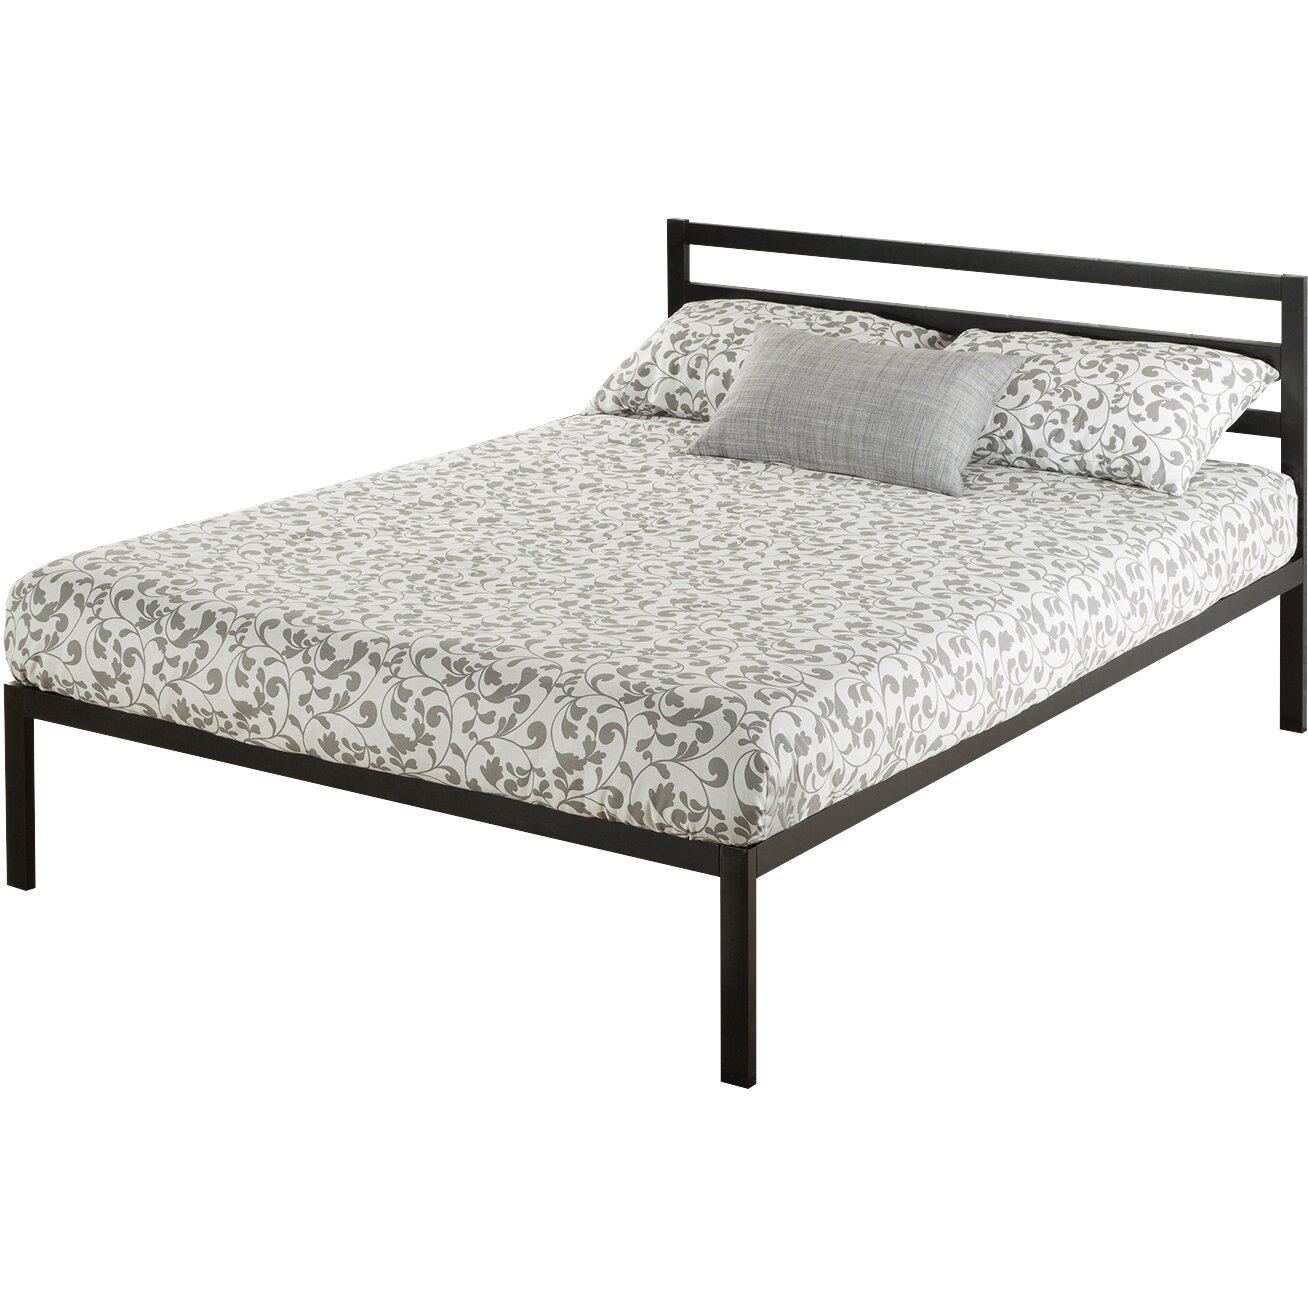 furniture bedroom furniture bed frames zinus sku zsmt1006